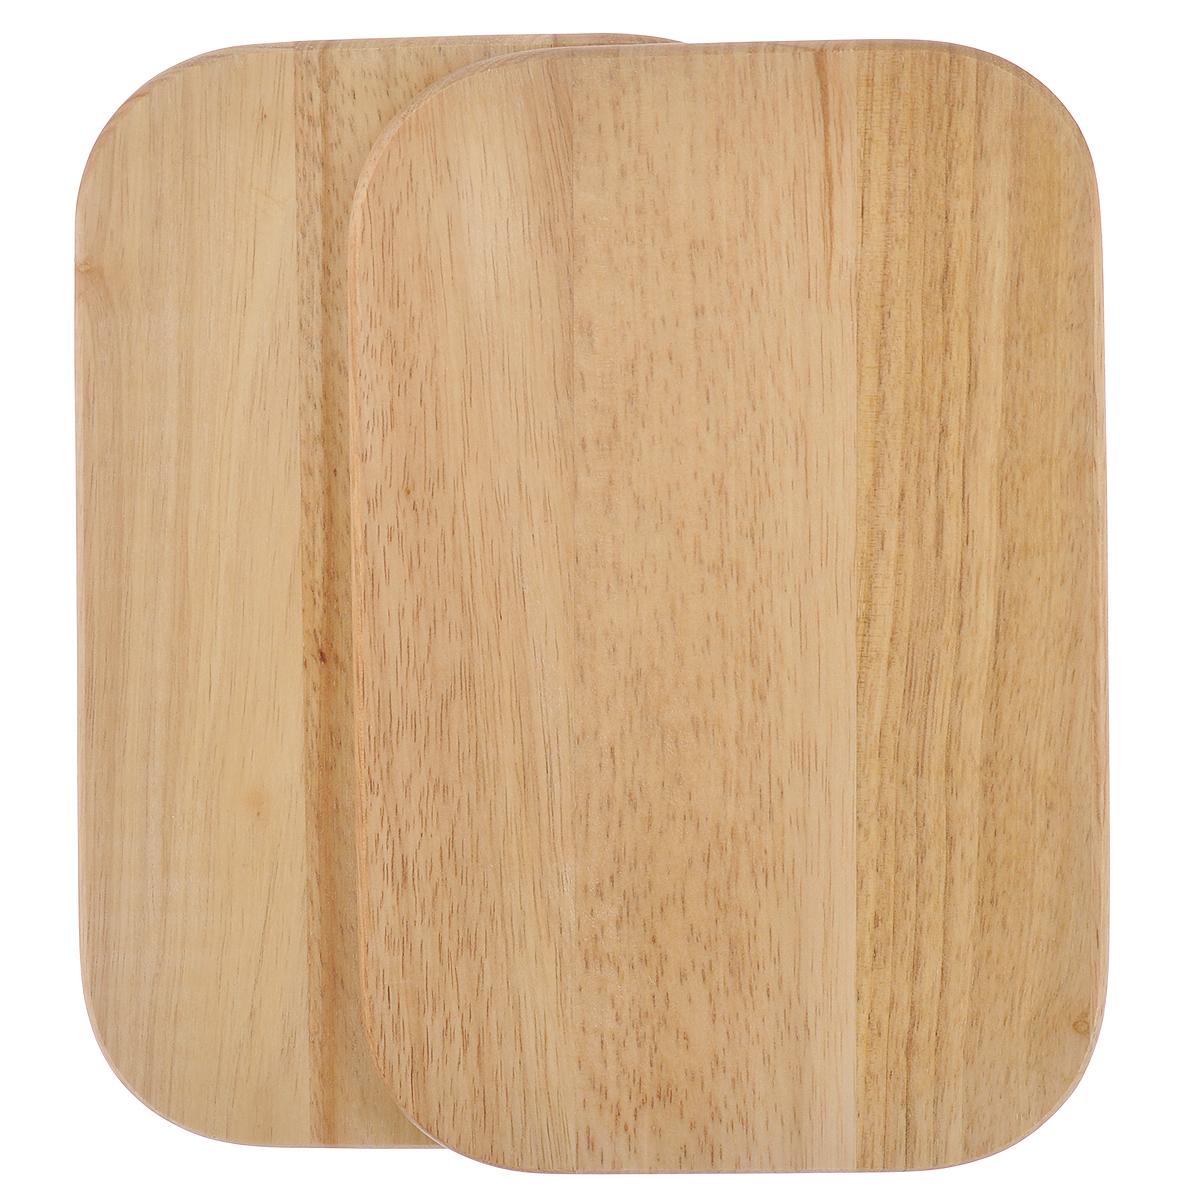 Доска разделочная Kesper, бамбуковая, 15 х 23 х 1 см, 2 шт6400-2Небольшие разделочные доски Kesper изготовлены из высококачественной древесины бамбука, обладающей антибактериальными свойствами. Бамбук - инновационный материал, идеально подходящий для разделочных досок. Доски из бамбука обладают высокой плотностью структуры древесины, а также устойчивы к механическим воздействиям. Функциональные и простые в использовании, разделочные доски Kesper прекрасно впишутся в интерьер любой кухни и прослужат вам долгие годы. Размер доски: 15 см х 23 см х 1 см.